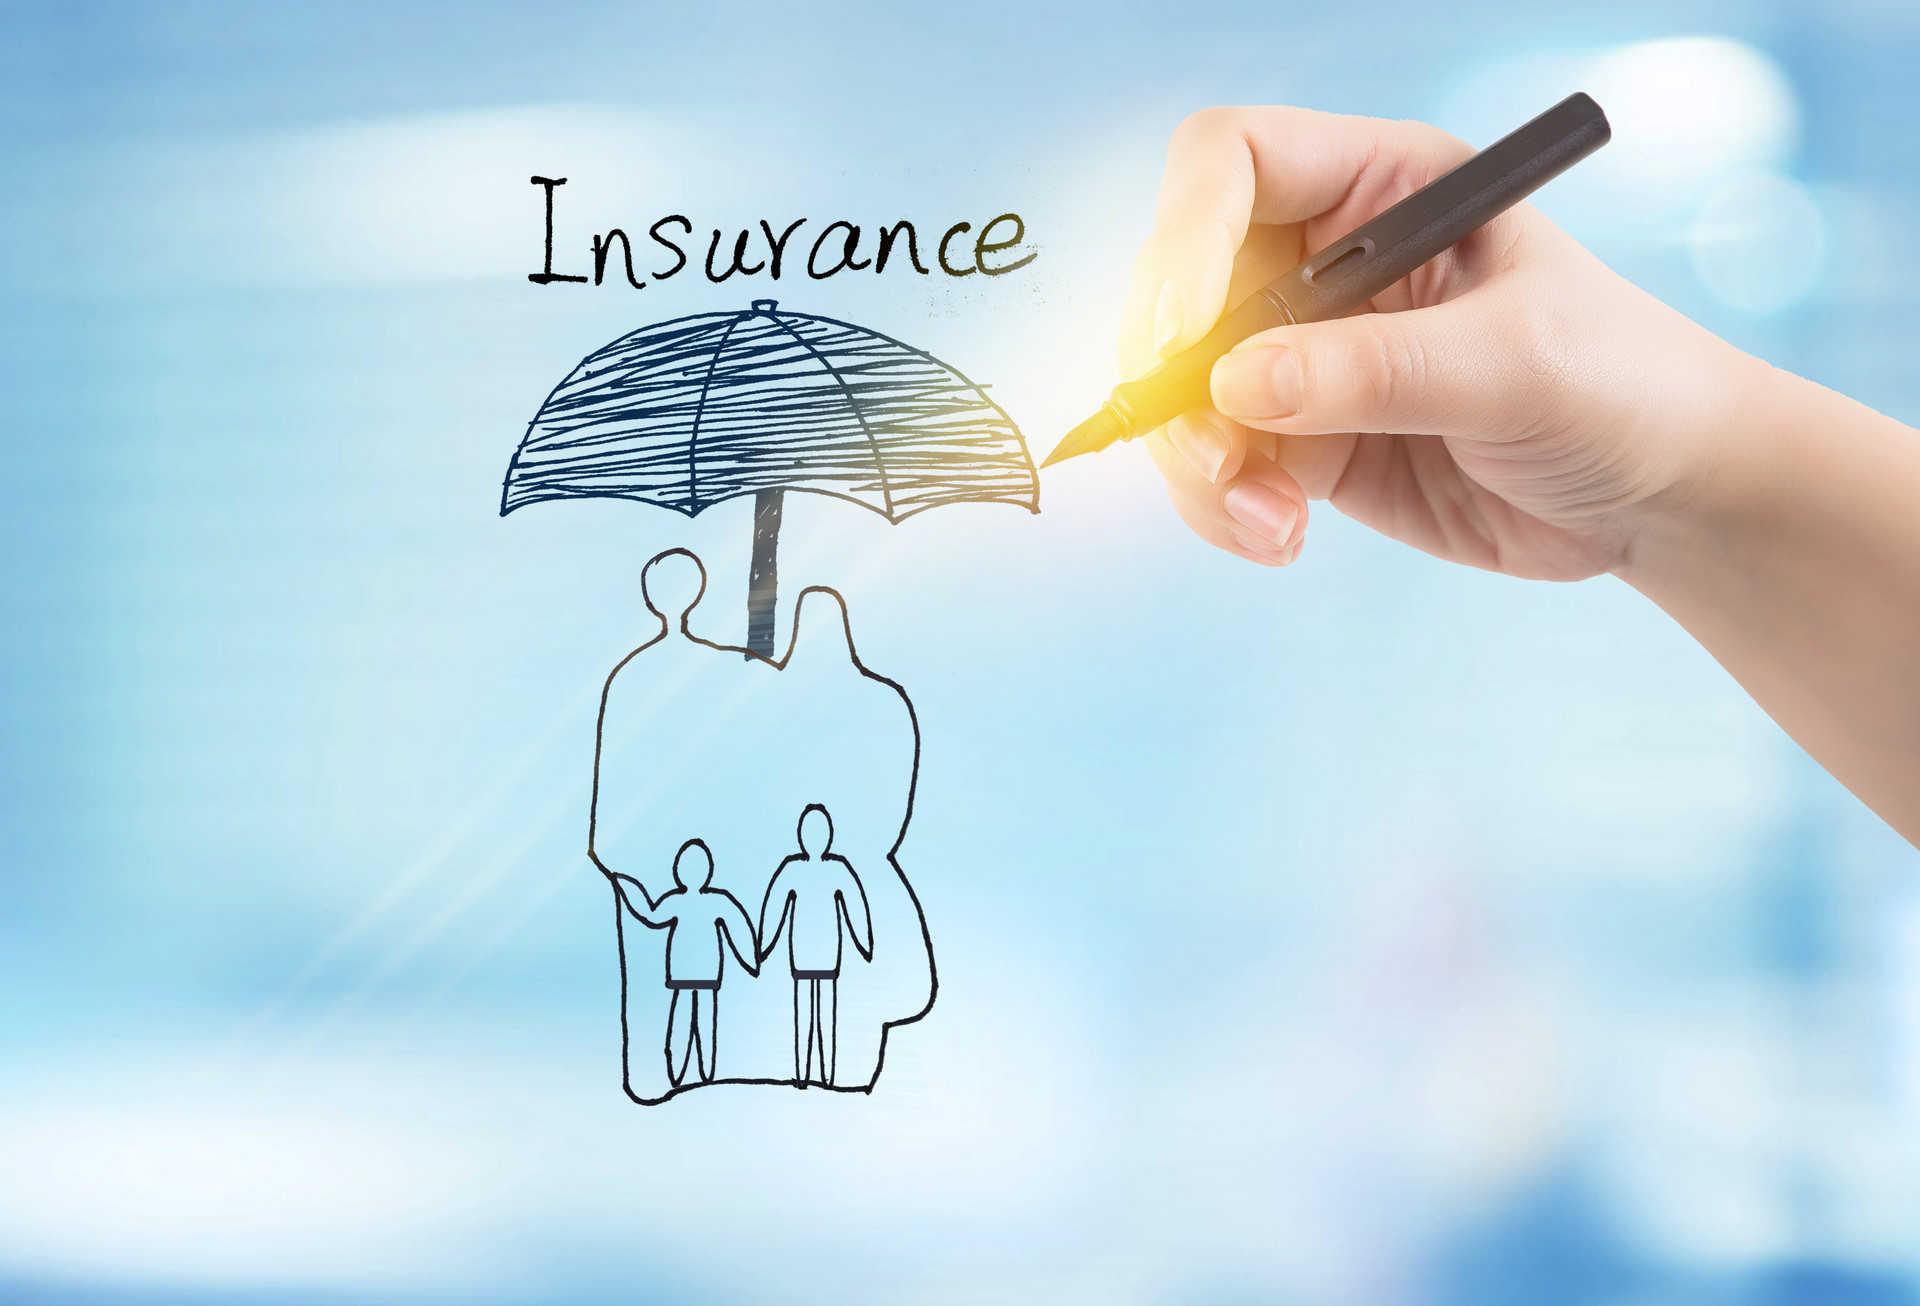 单位缴社会保险和自己缴有什么区别,社保代缴,全国社保公积金代缴